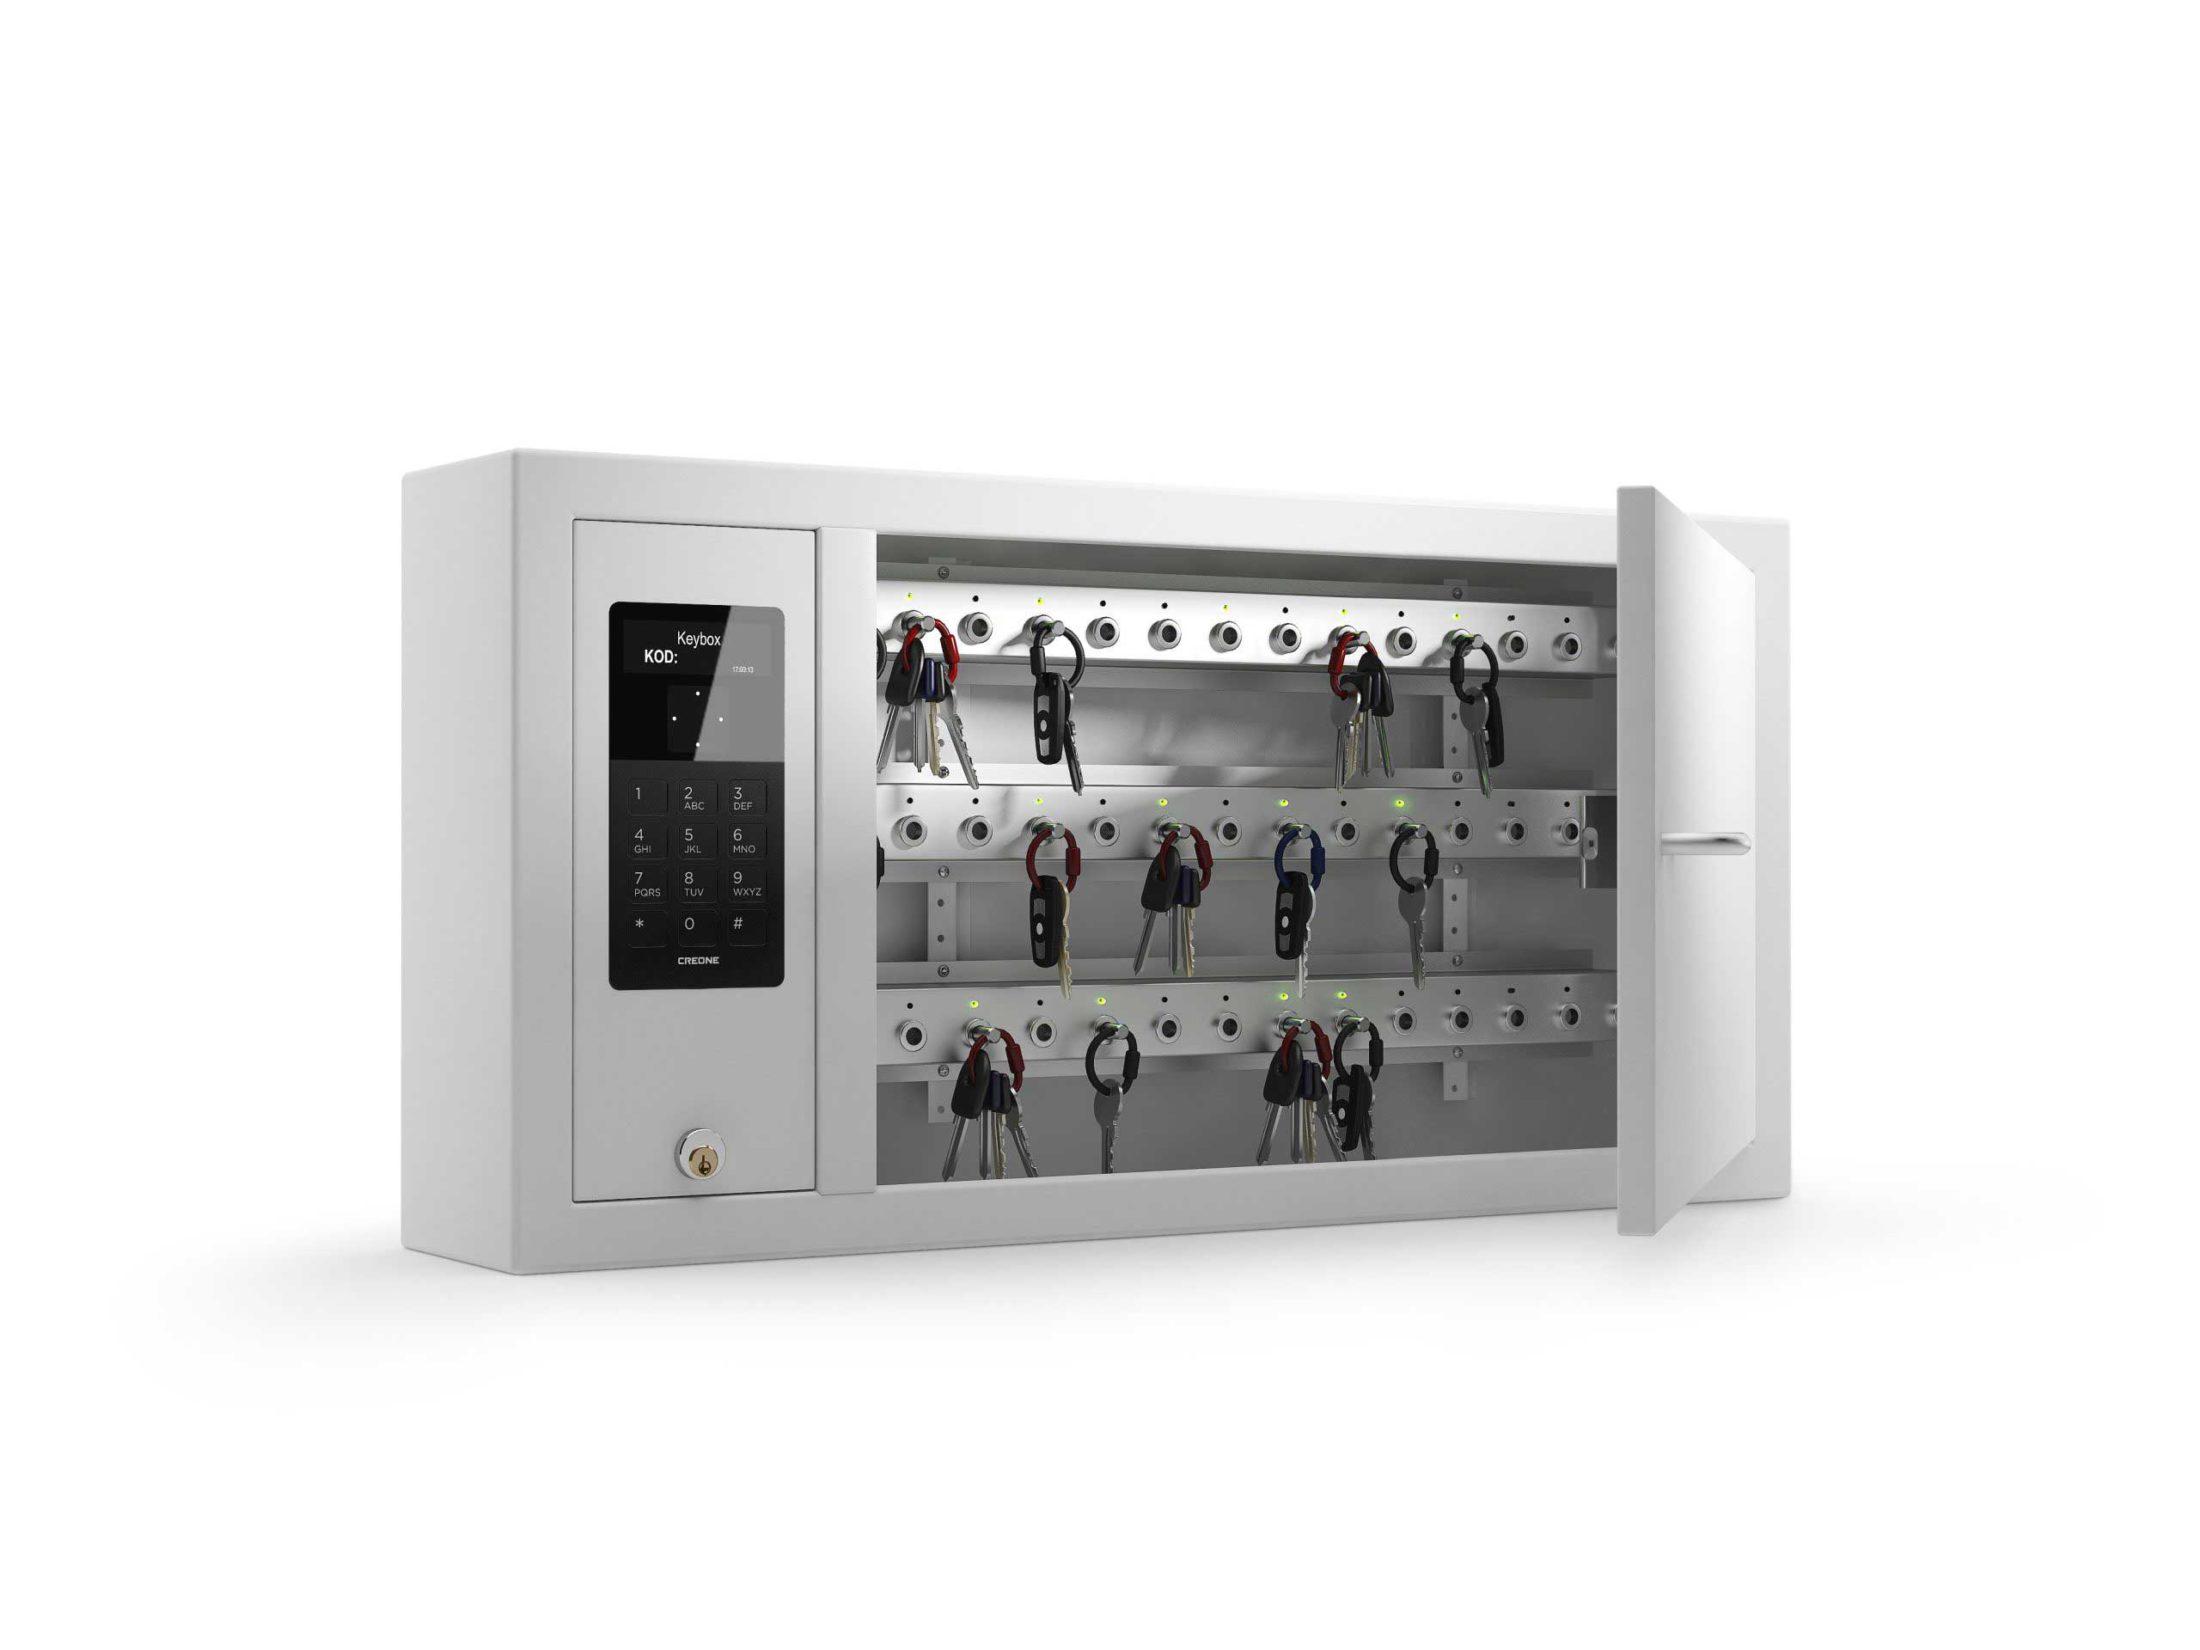 Schlüsselschrank 9400 SC der Keycontrol-Serie. Offener Schrank mit Schlüsselleisten, die die Schlüsselverwaltung organisieren.